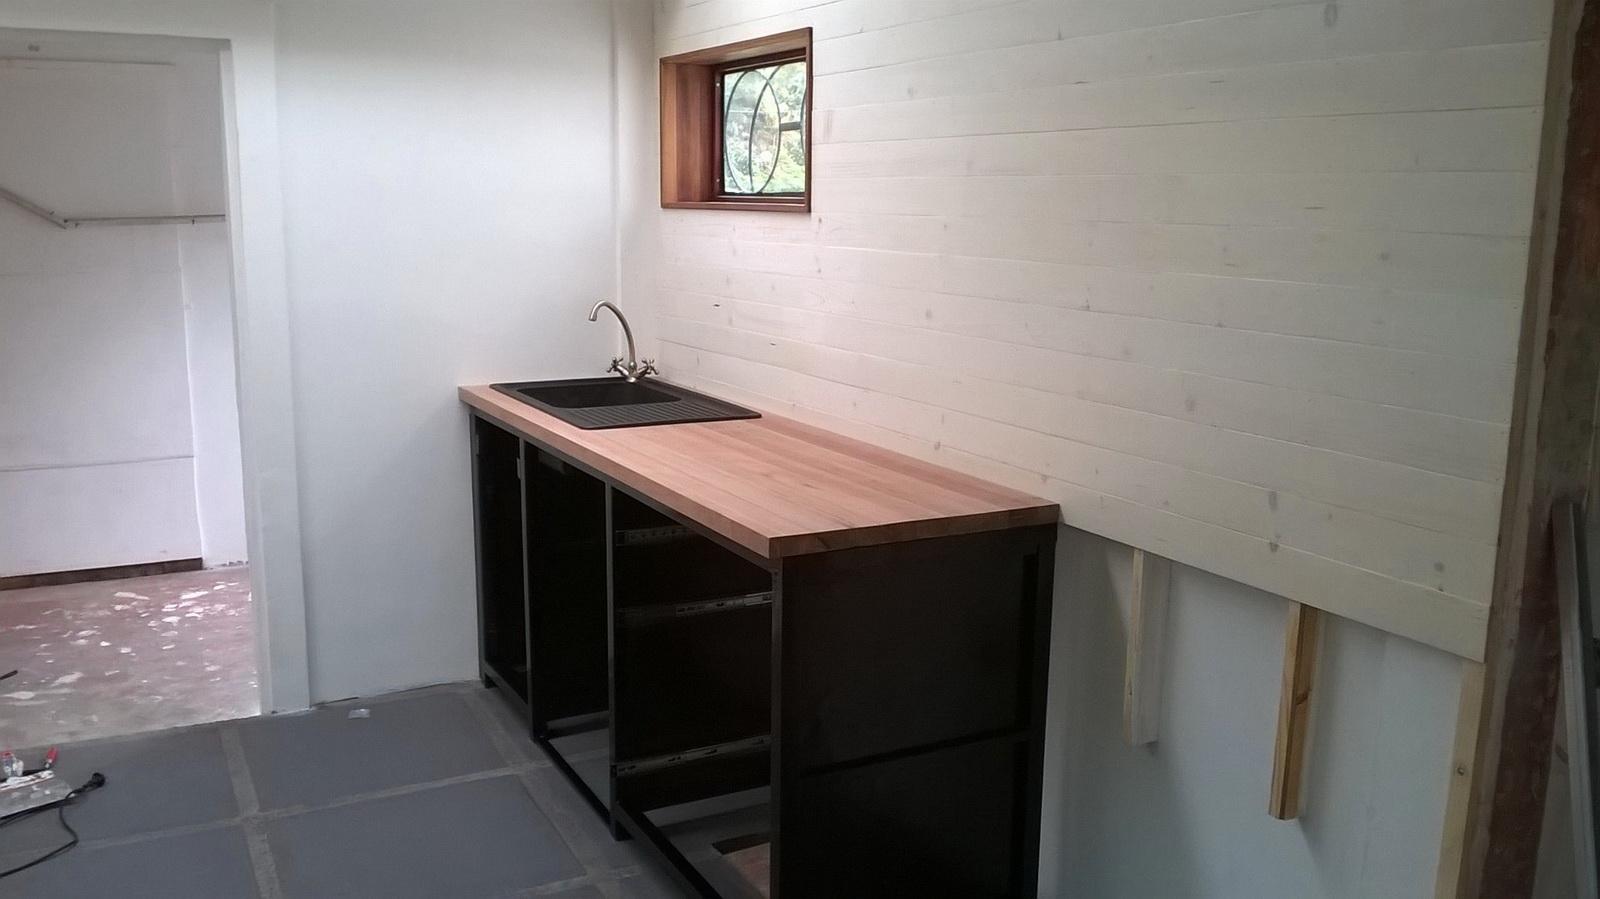 Mobilier de cuisine cot vier une maison sur une le for Mobilier bureau 974